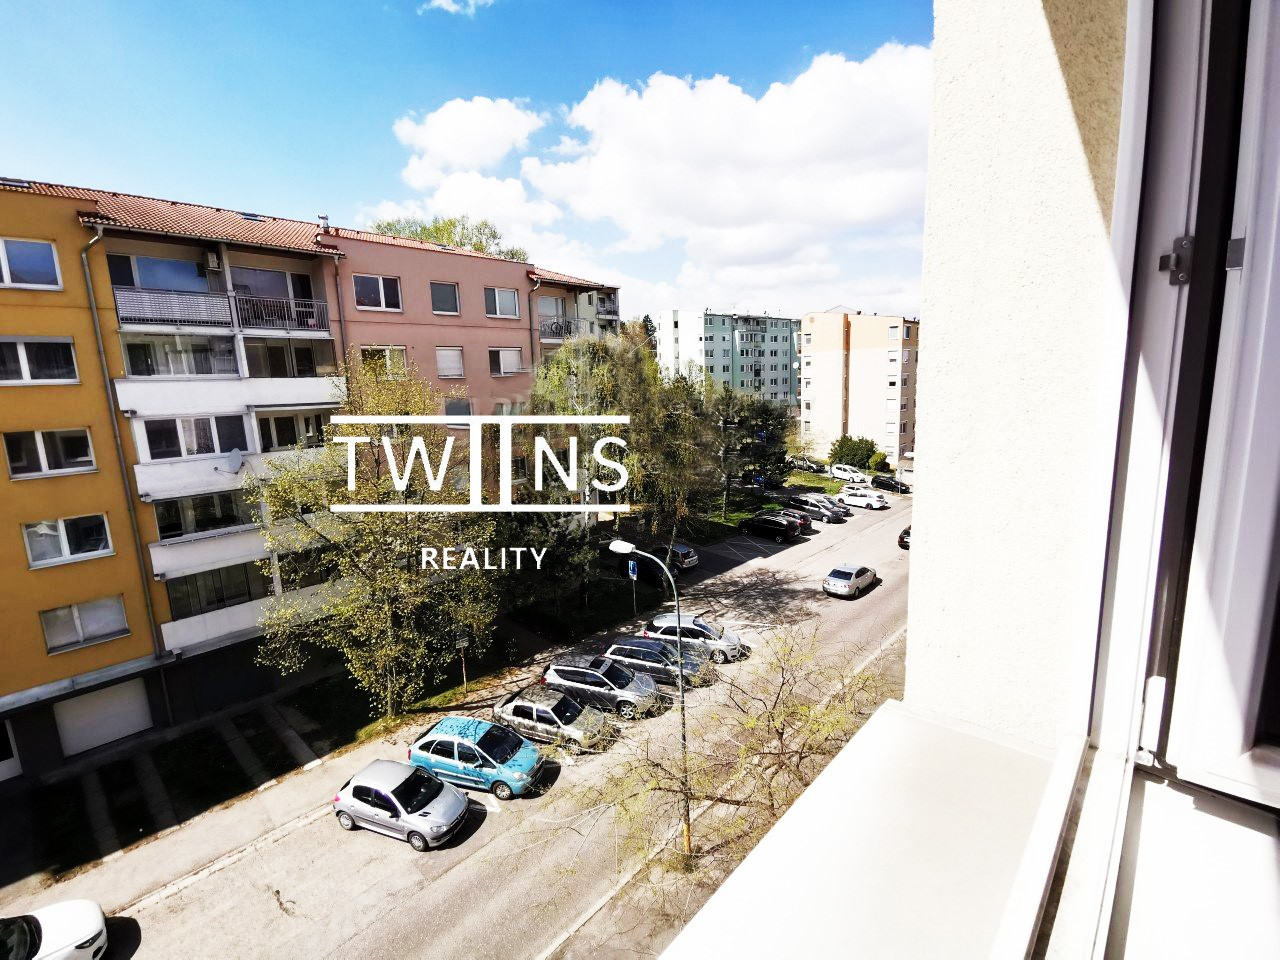 ✅Predáme krásny 2 izb. byt v pôvodnom stave v Dúbravke ideálny pre mladú rodinu